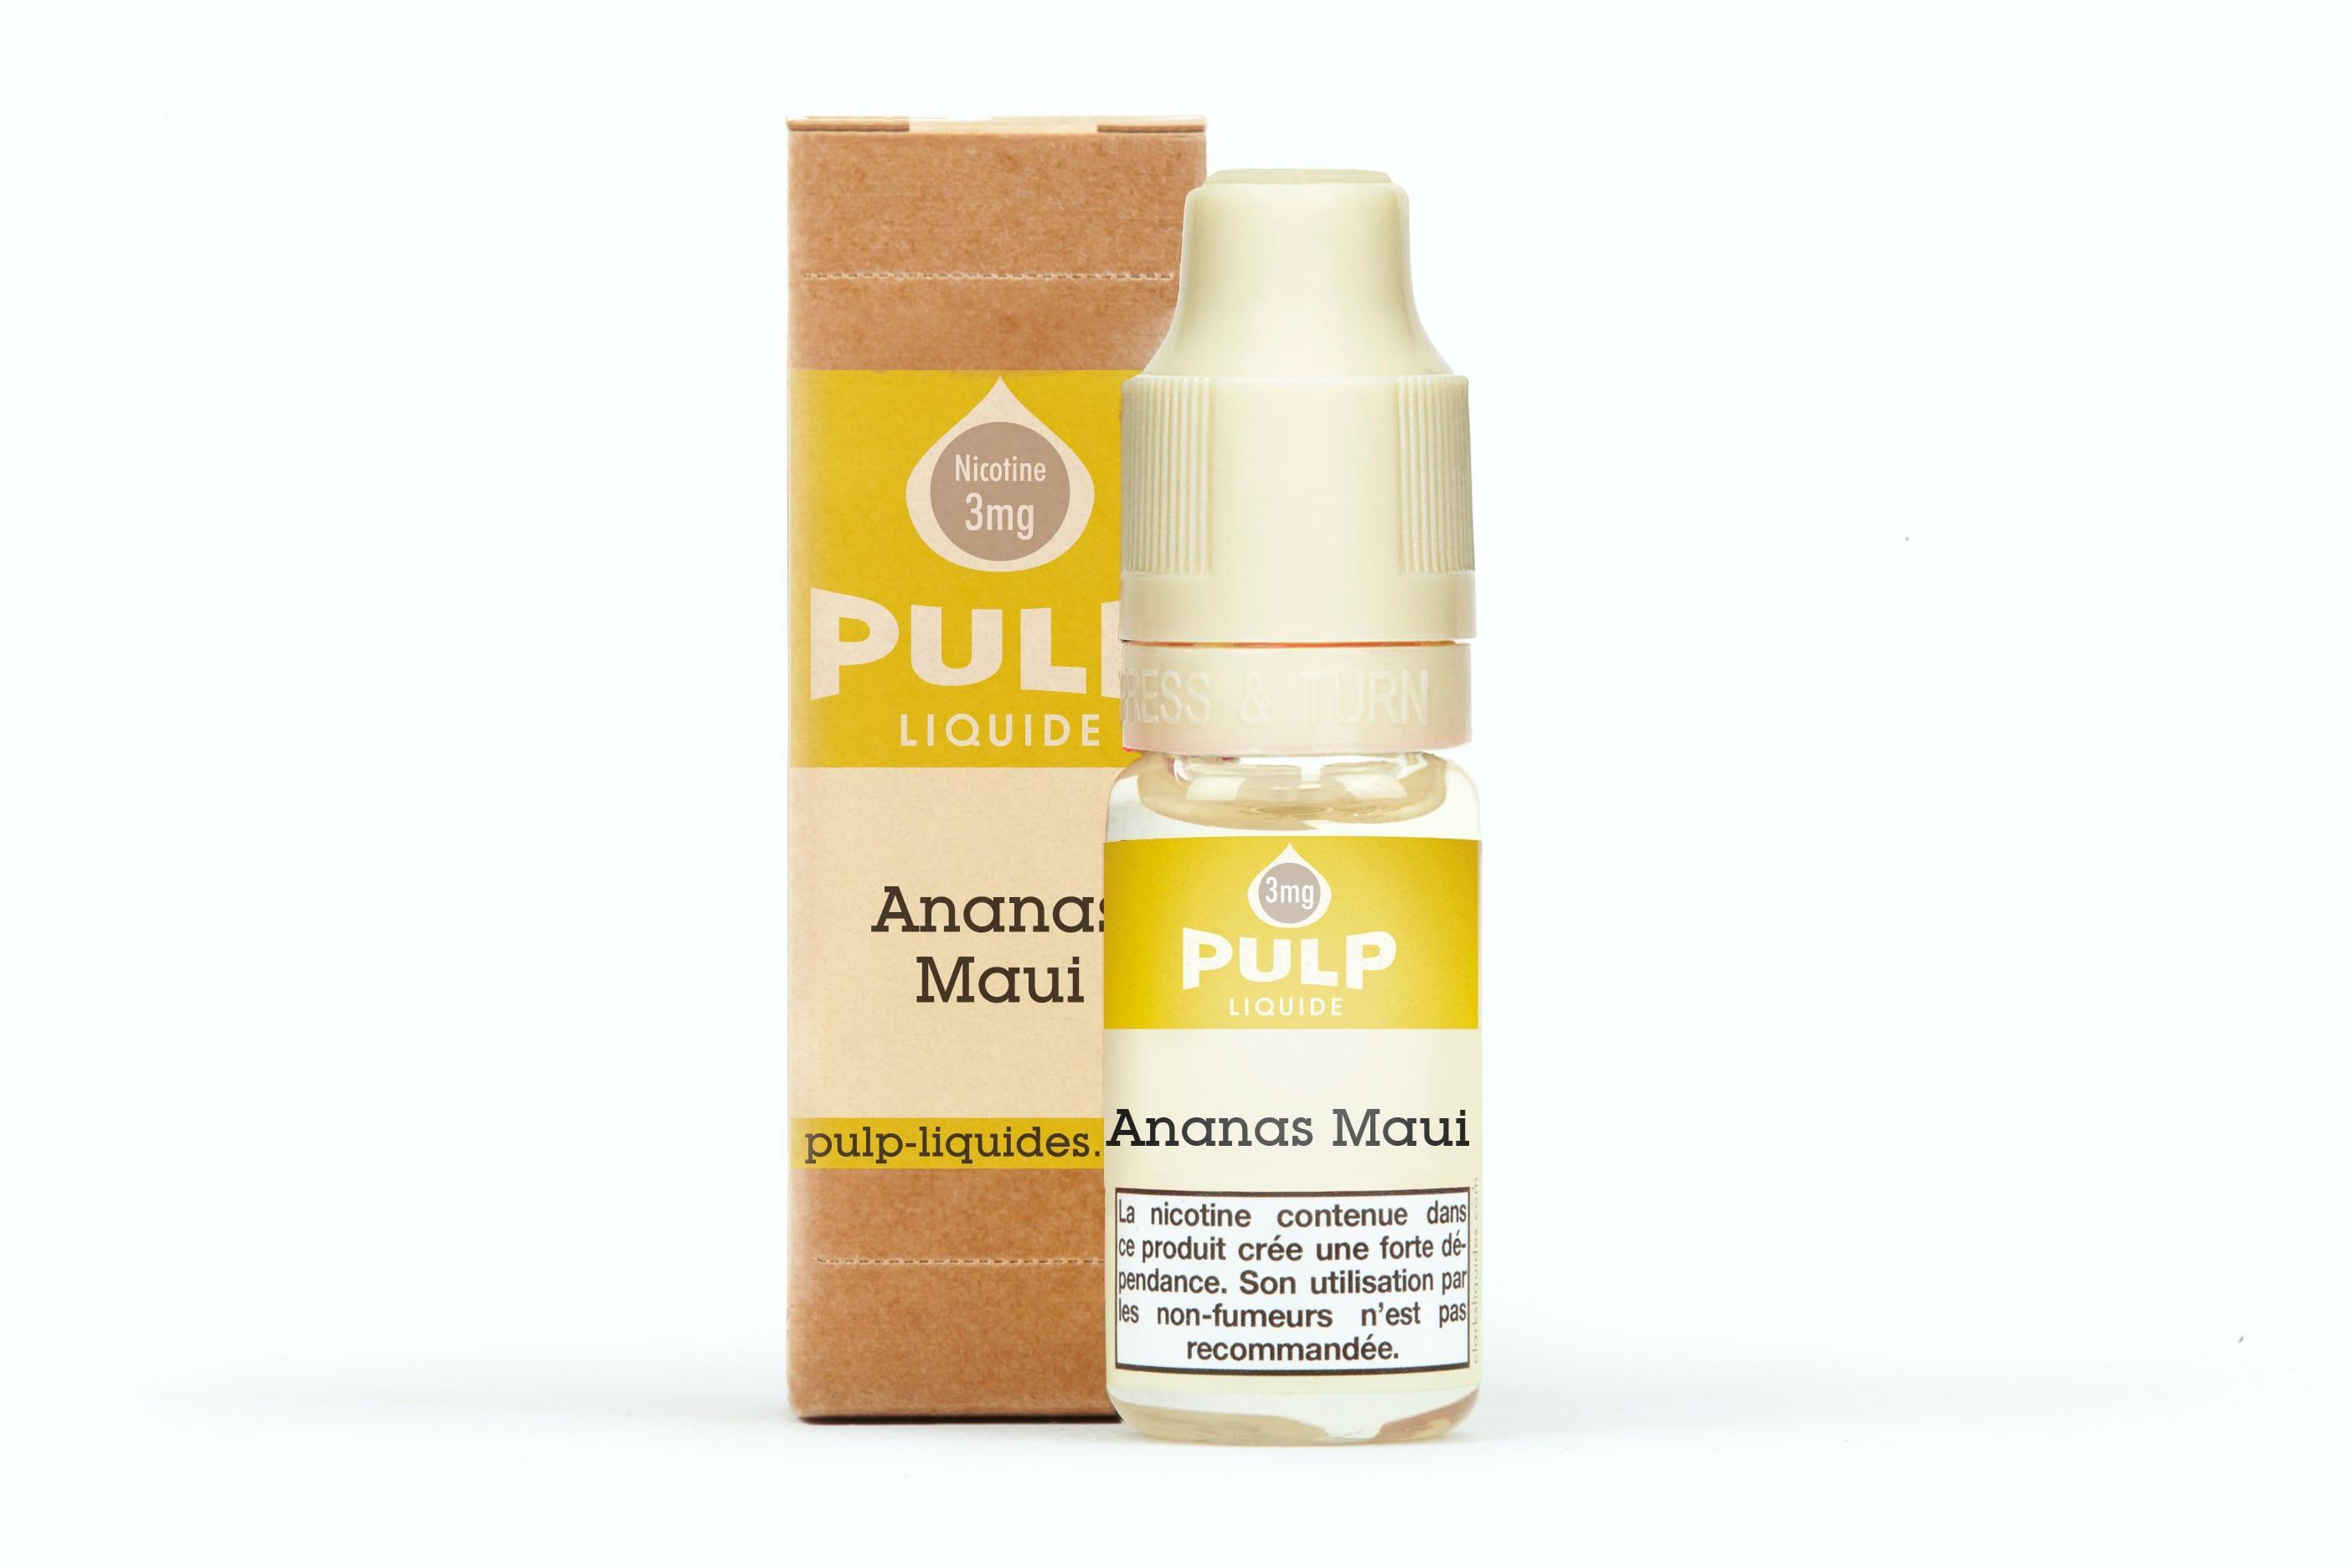 Ananas Maui Pulp